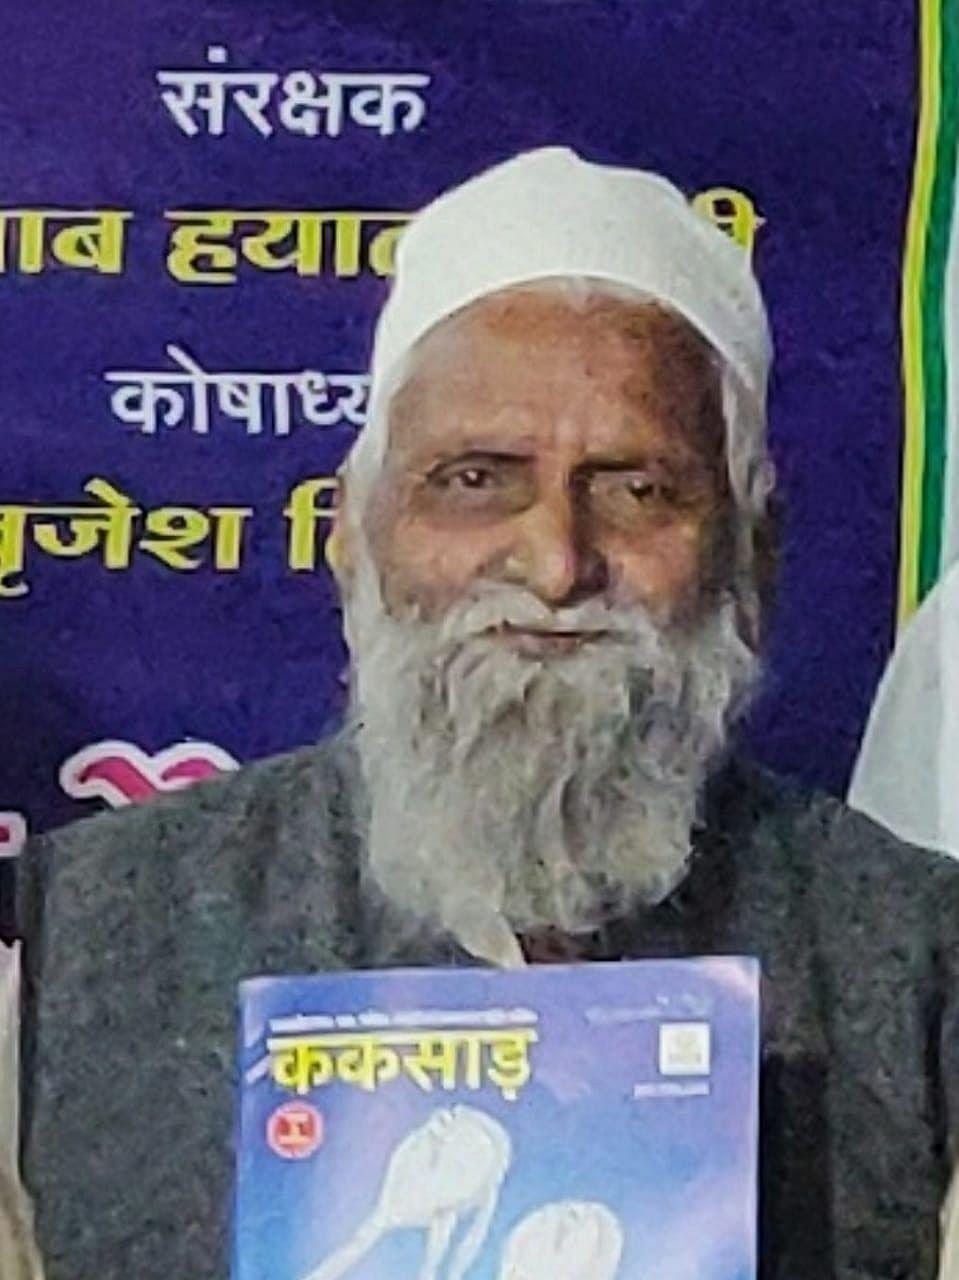 नही रहे देश के जाने माने शायर, लेखक और उर्दू के विद्वान जनाब हयात रिजवी